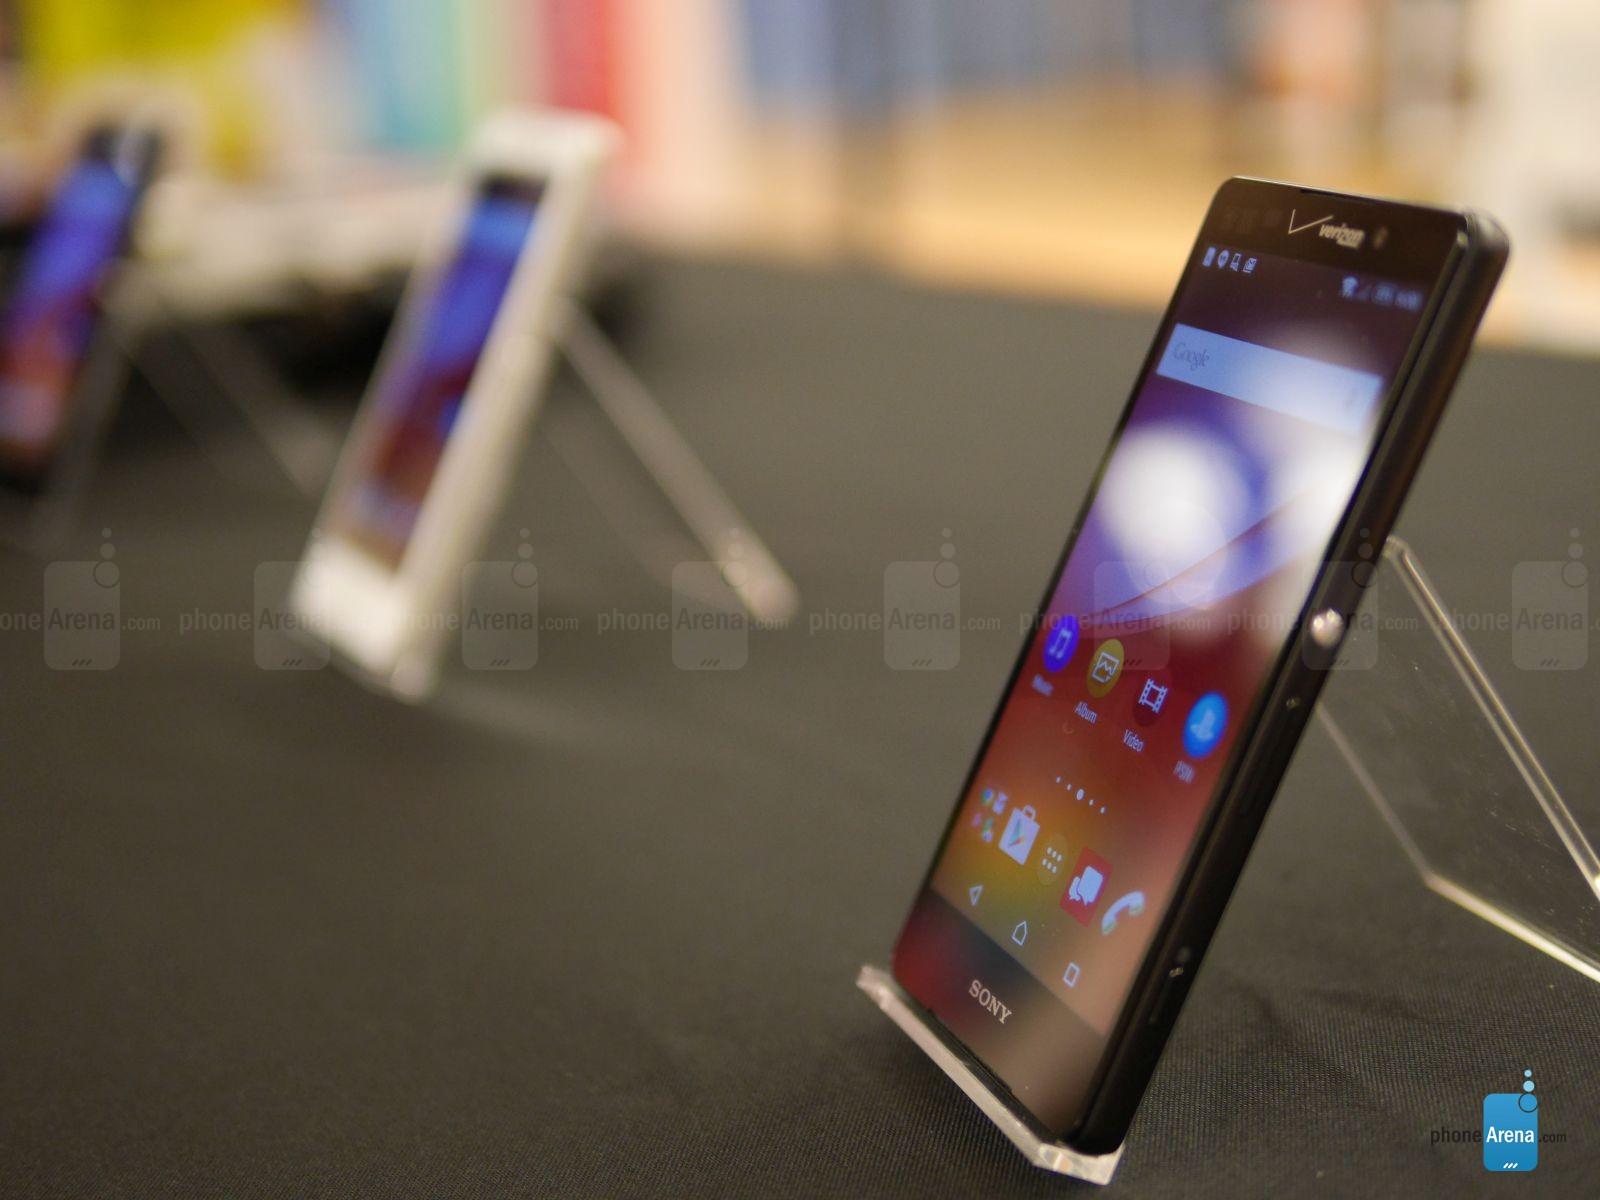 Sony-Xperia-Z4v-hands-on